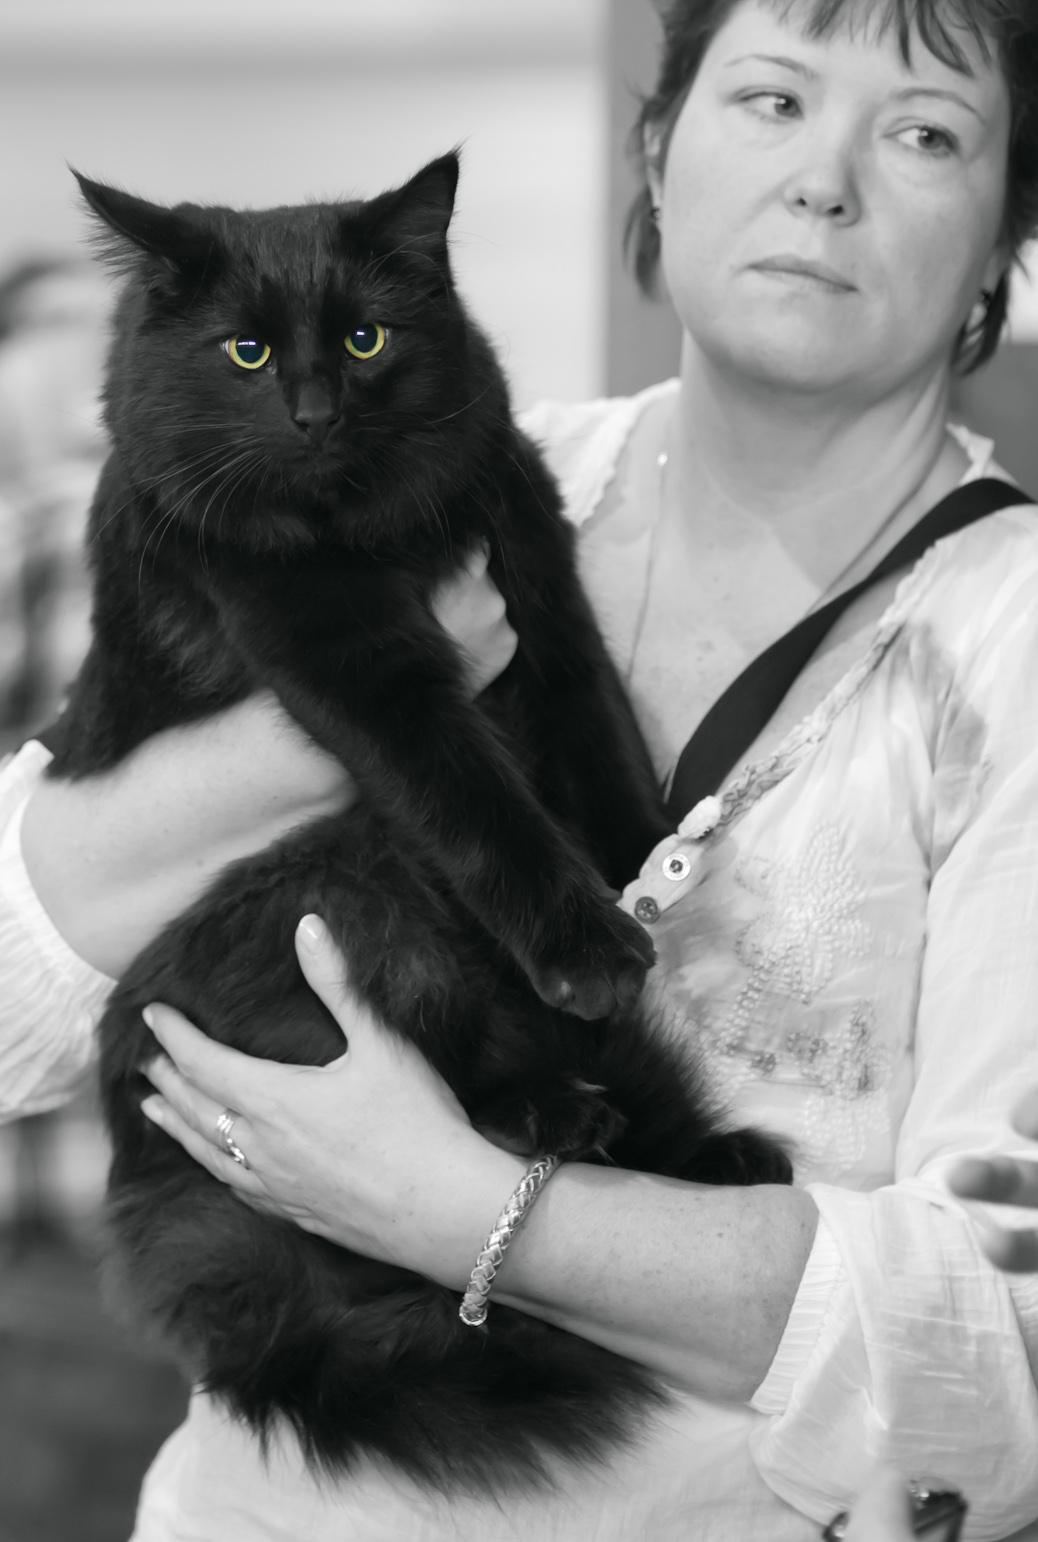 IC SE*Miss Mikkus' Il Divo [NFO n], photo 198042, 2012-10-07